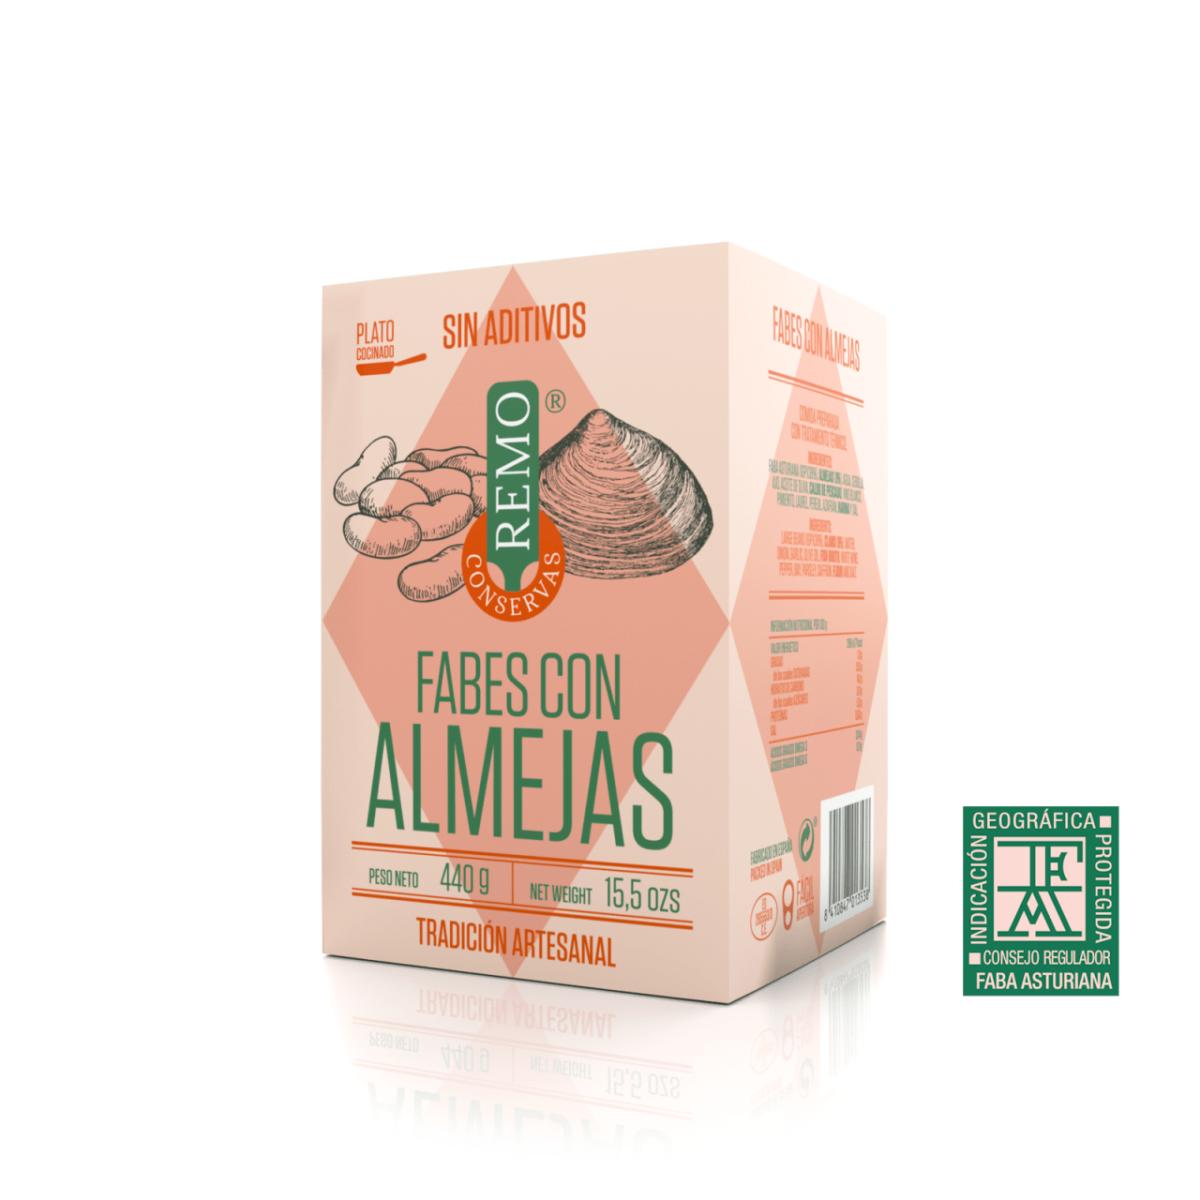 Fabes con Almejas de Conservas Remo, platos cocinados asturianos, Gorfolí tienda online de productos gourmet de Asturias